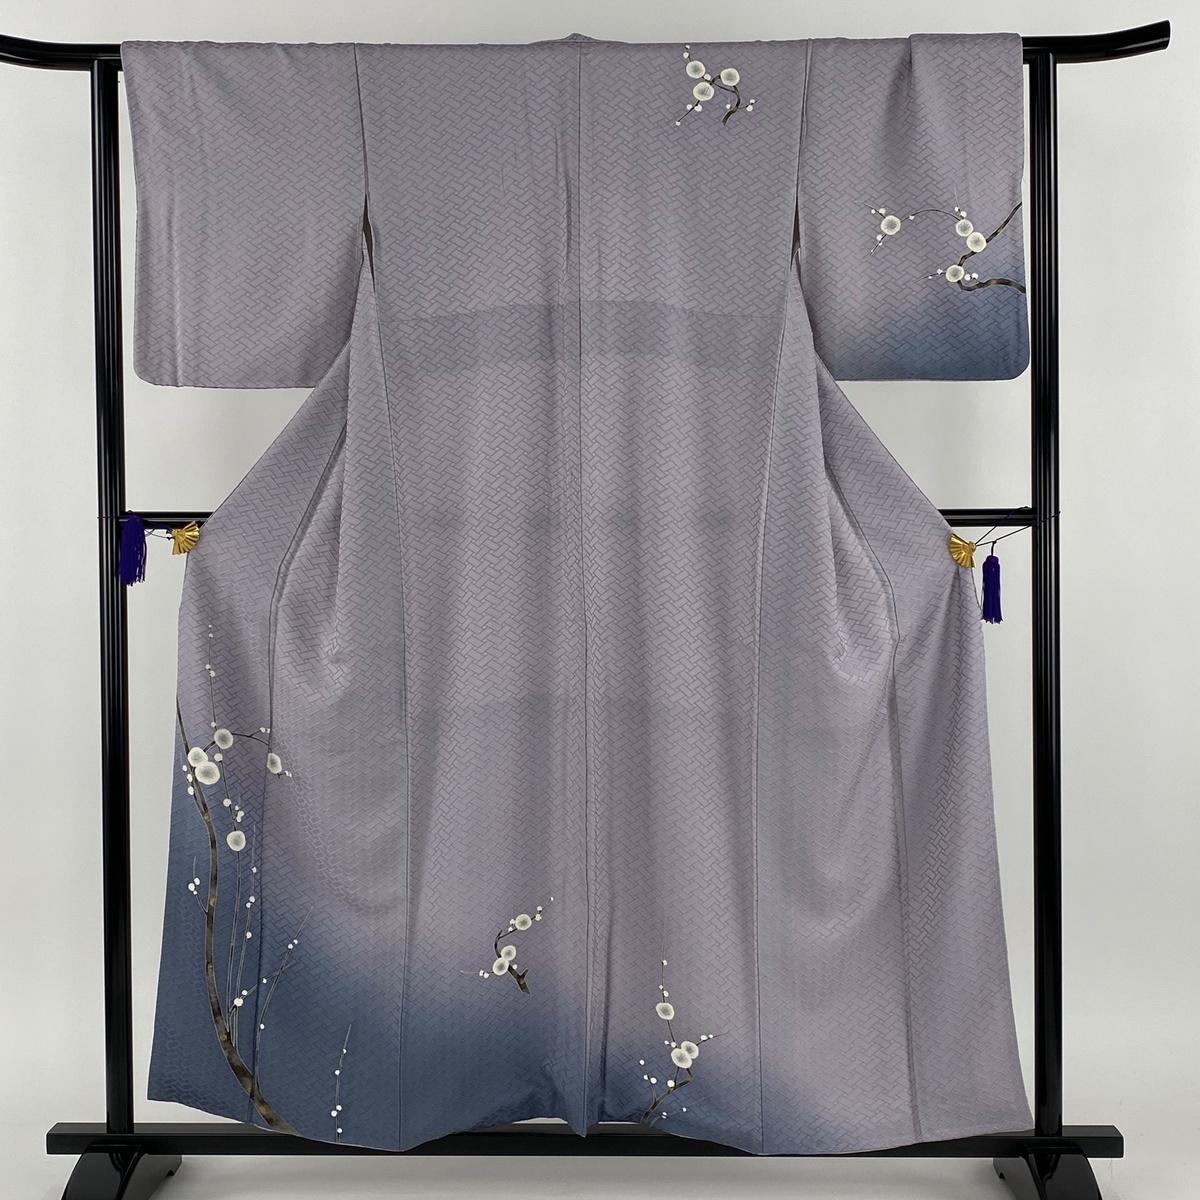 付下げ 名品 枝花 金彩 ぼかし 薄紫 袷 身丈157cm 裄丈63.5cm S 正絹 【中古】